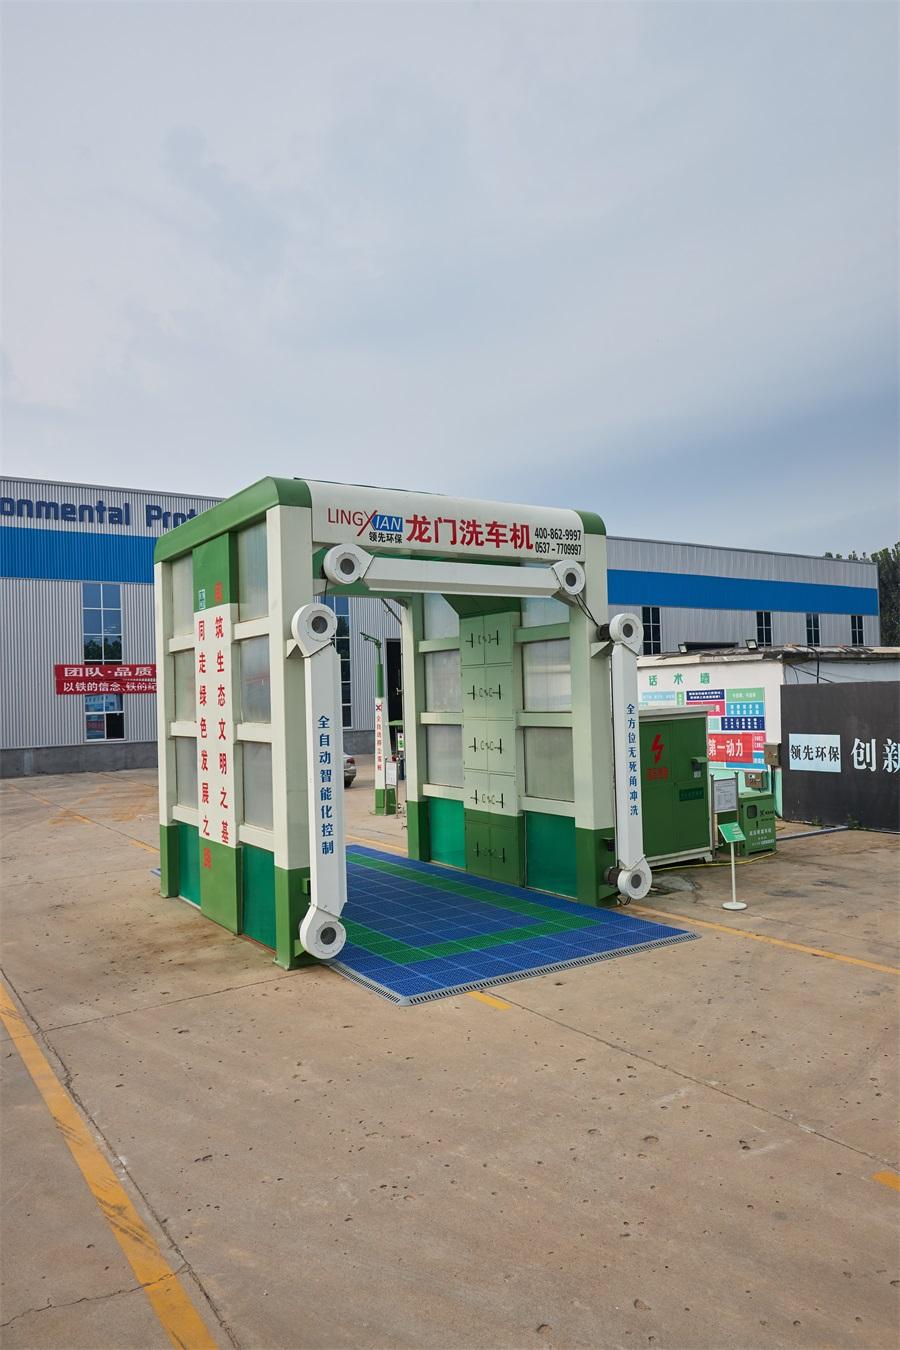 哪种价格的全自动洗车设备更适合店铺?